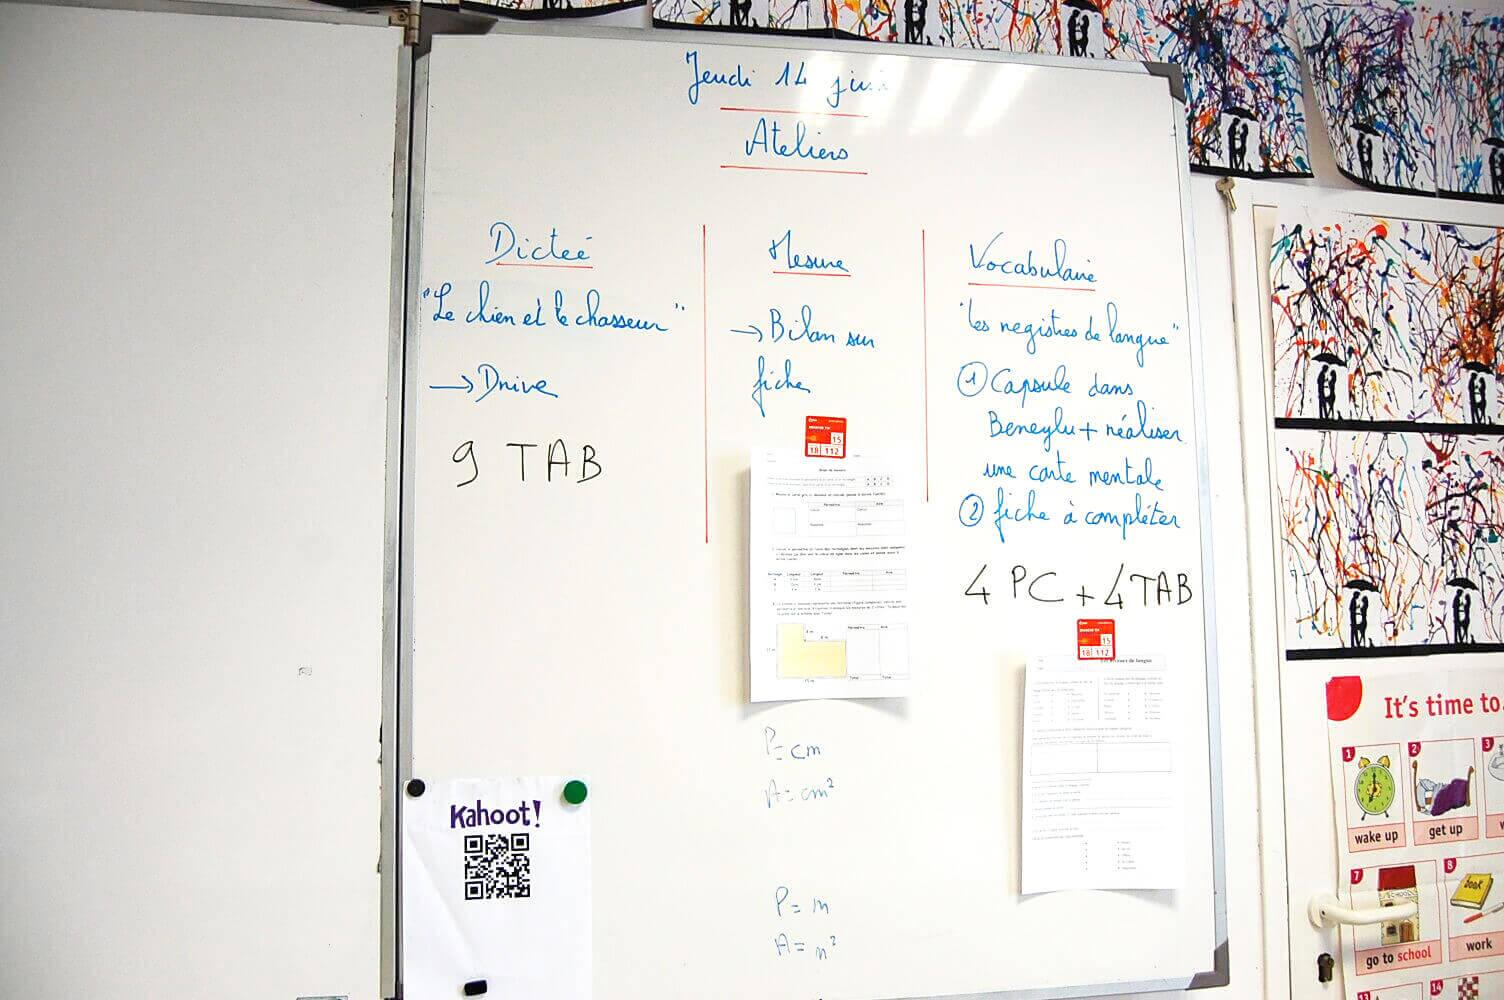 Le professeur inscrit les ateliers au tableau et les élèves s'organisent pour réaliser chaque travail.